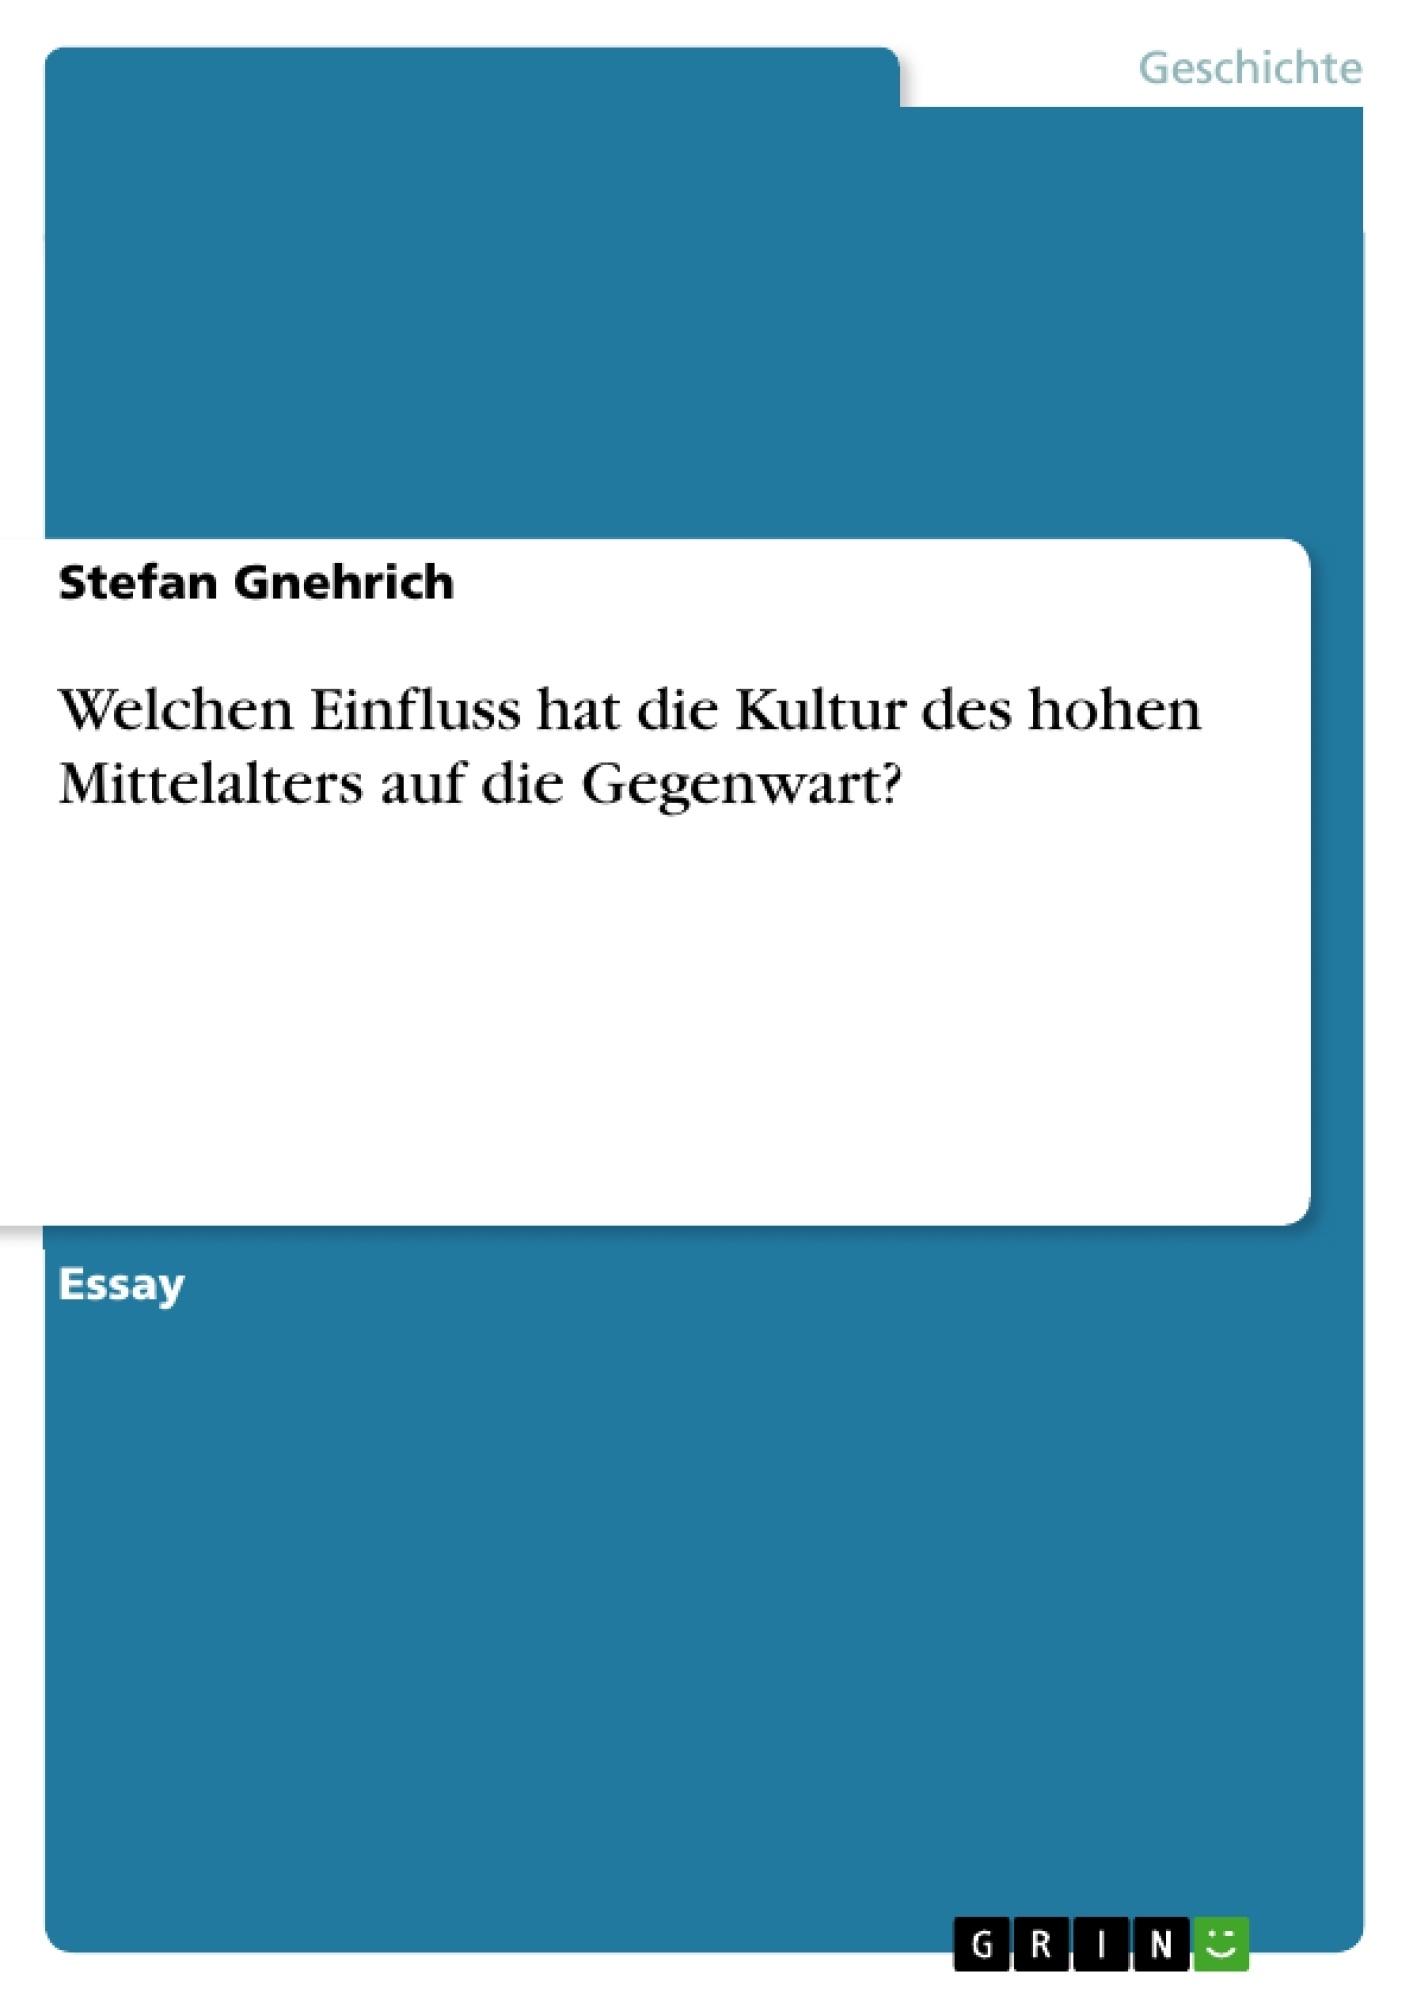 Titel: Welchen Einfluss hat die Kultur des hohen Mittelalters auf die Gegenwart?